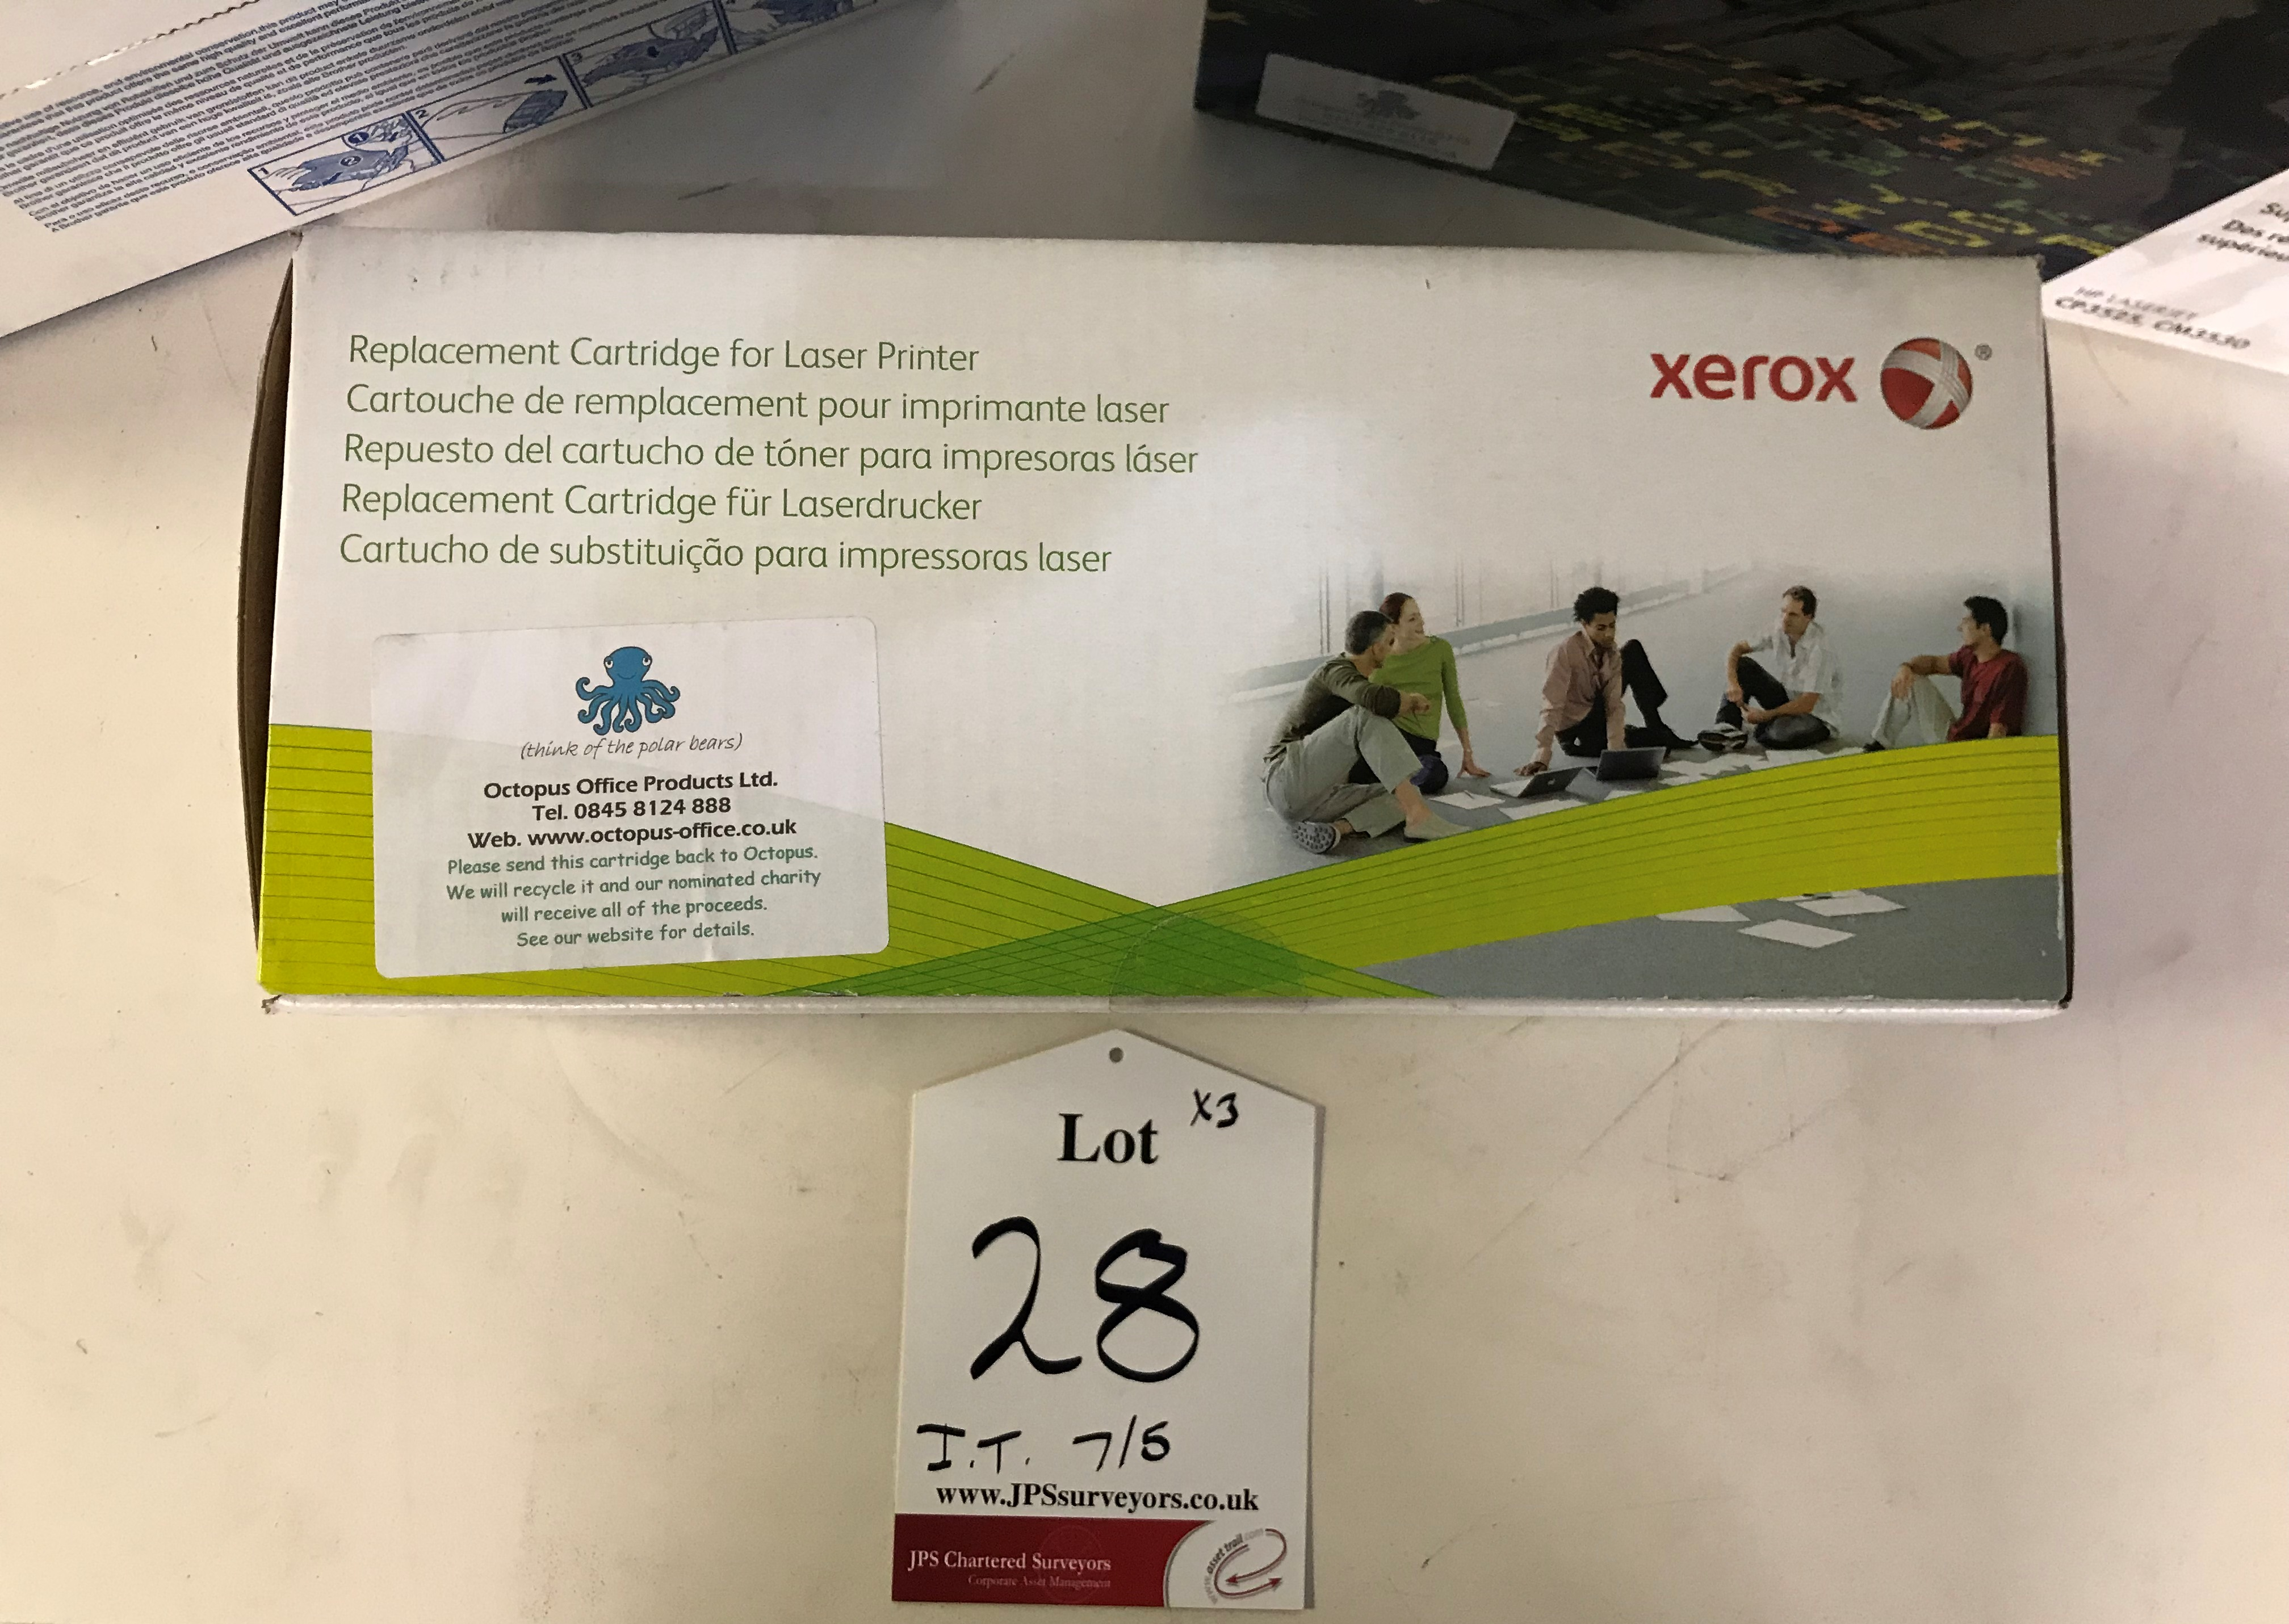 Lot 28 - 3 x Various Printer Cartridges - See Description